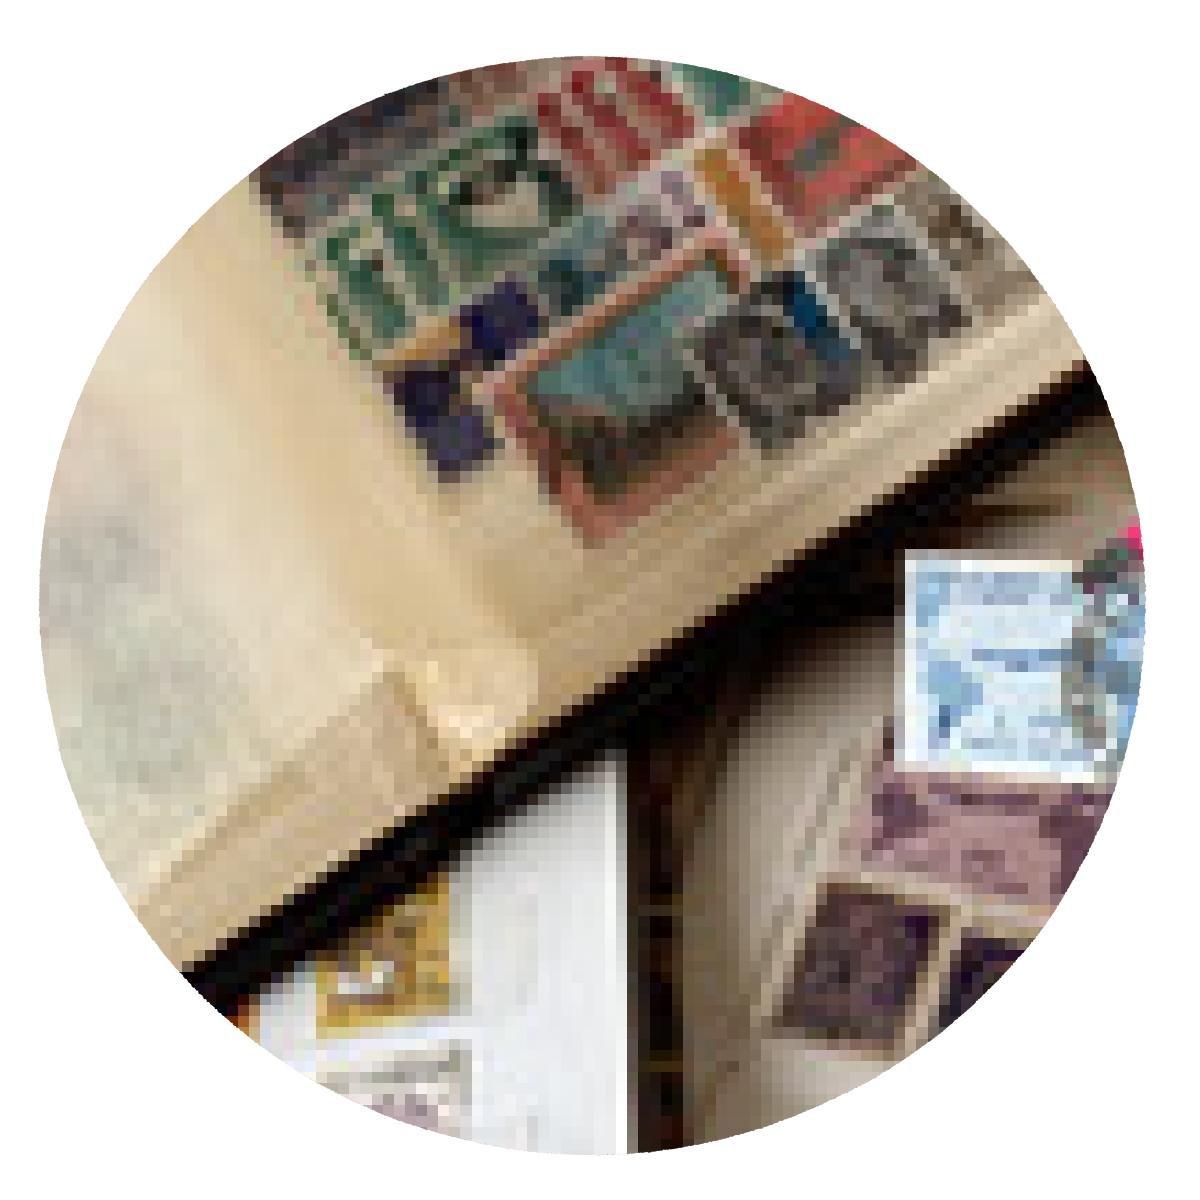 alfombrilla de ratón colección de sellos raros - ronda: Amazon.es: Electrónica